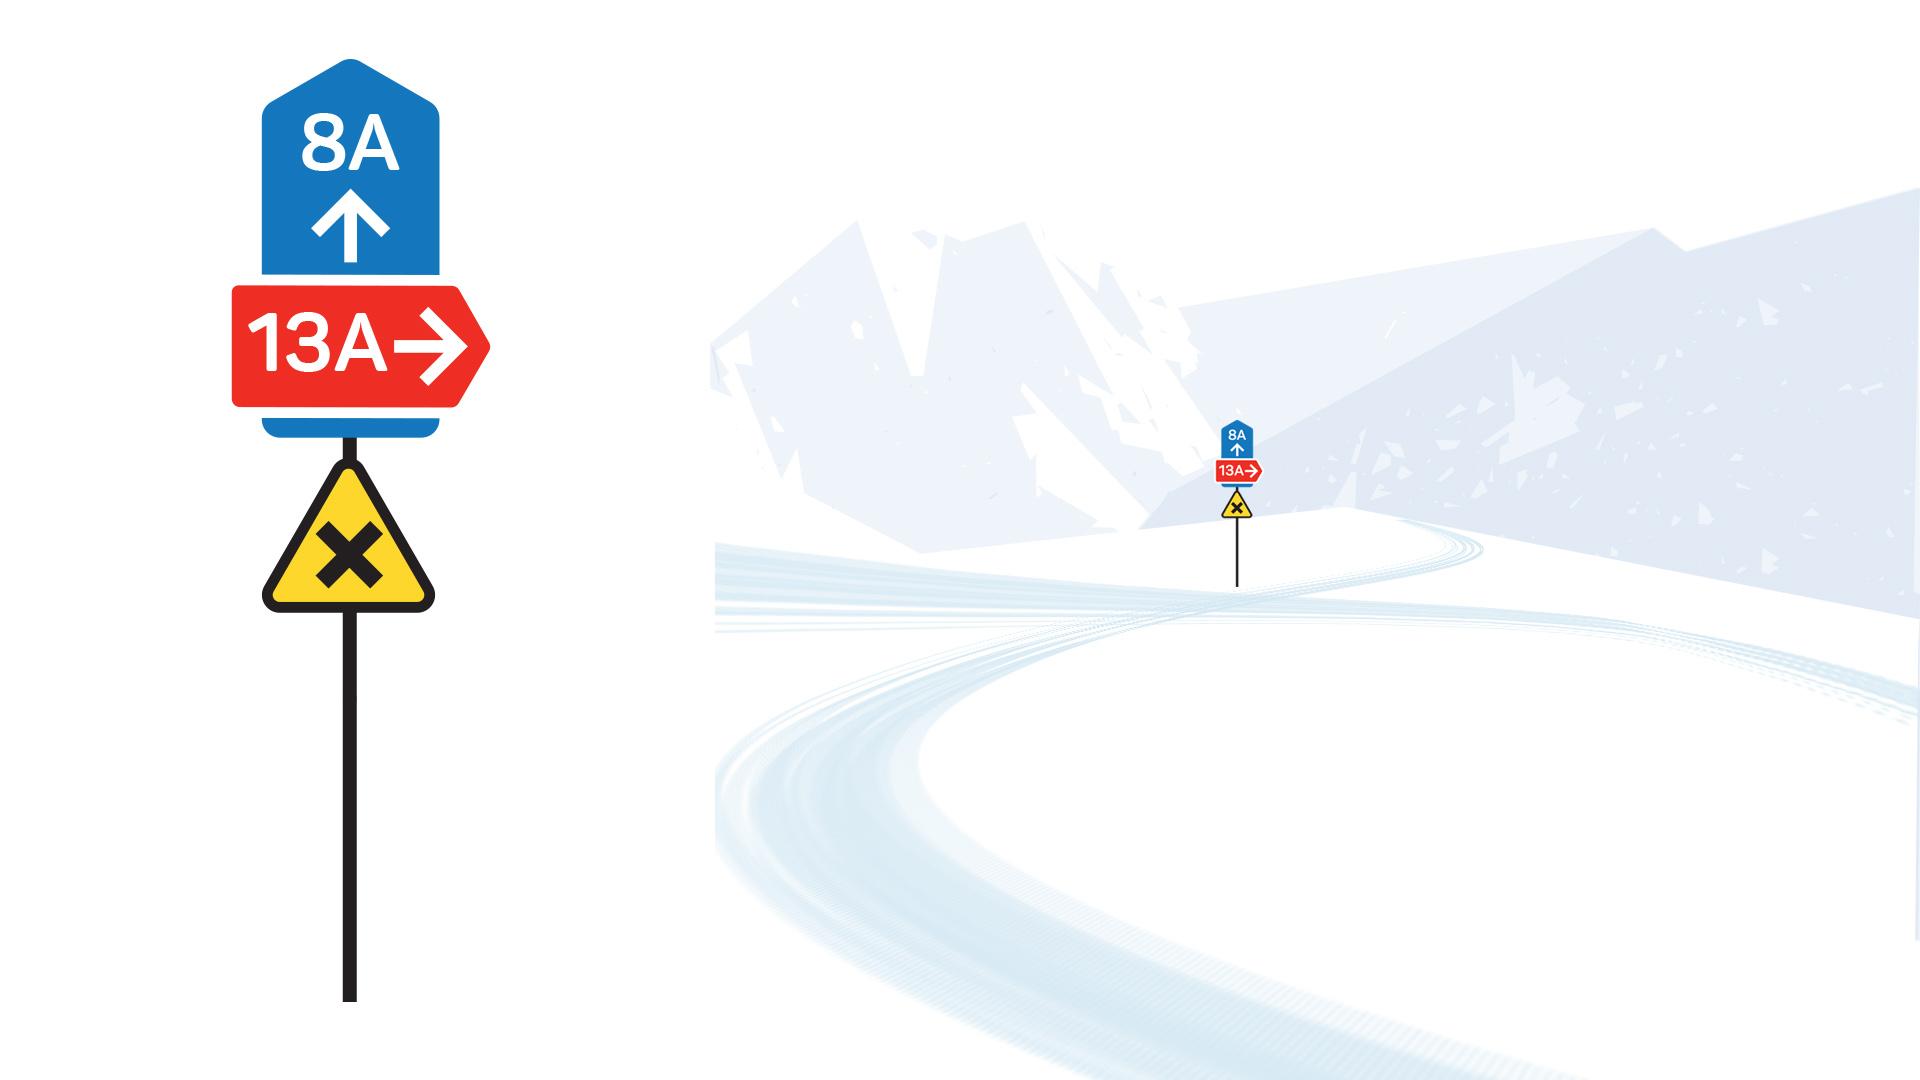 Асгард Брендинг, Красная Поляна, Курорт Красная Поляна, ребрендинг, фирменный стиль, айдентика, лого, курорт, дизайн, графический дизайн, средовой дизайн, система графической навигации, signagesystem, Asgard Branding, corporate identity, навигация на горнолыжных трассах